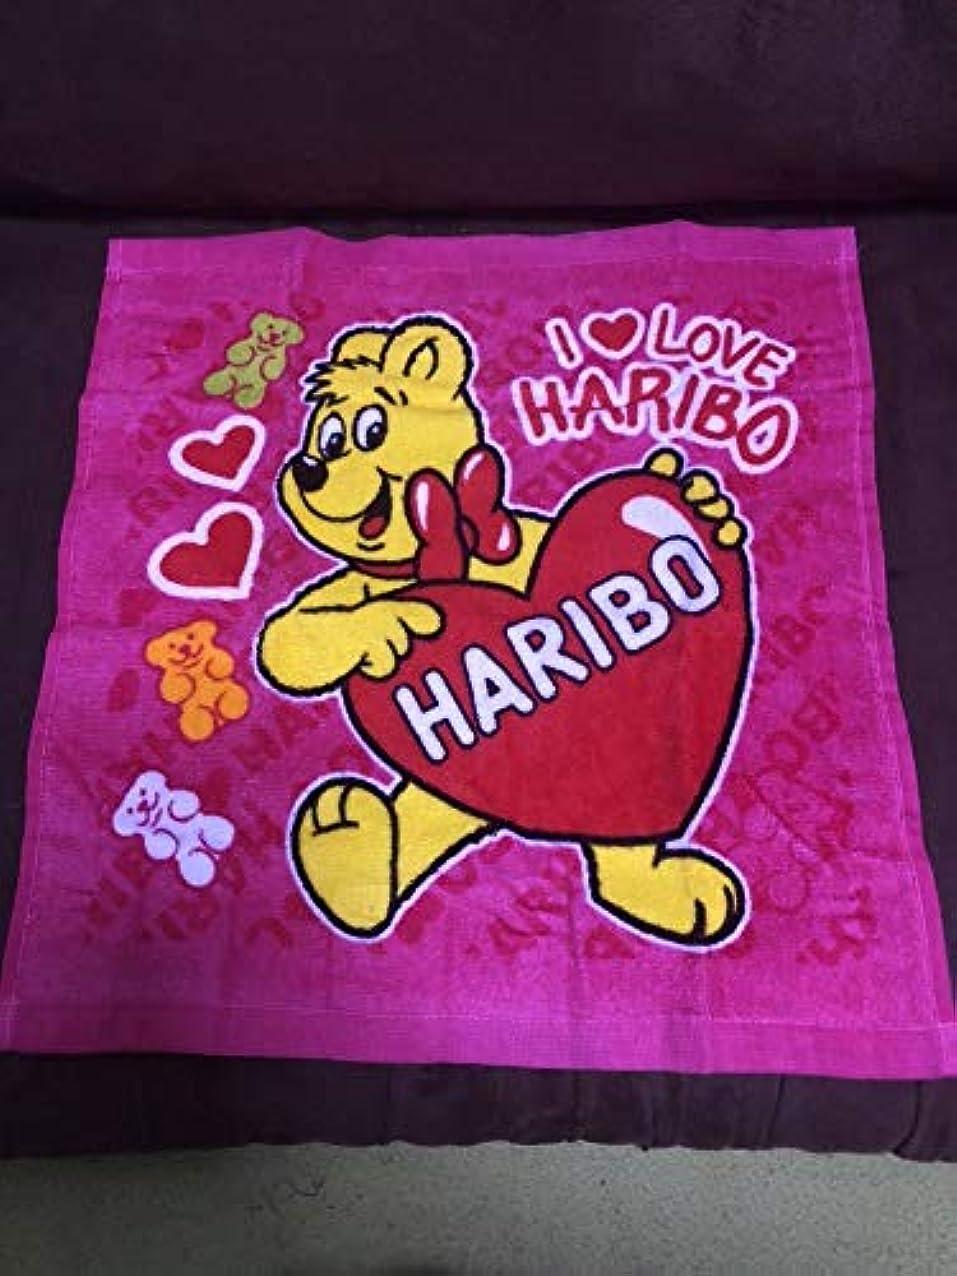 遠え第迷路ハリボー HARIBO グミ ゴールドベア ハンド タオル 1枚 ピンク